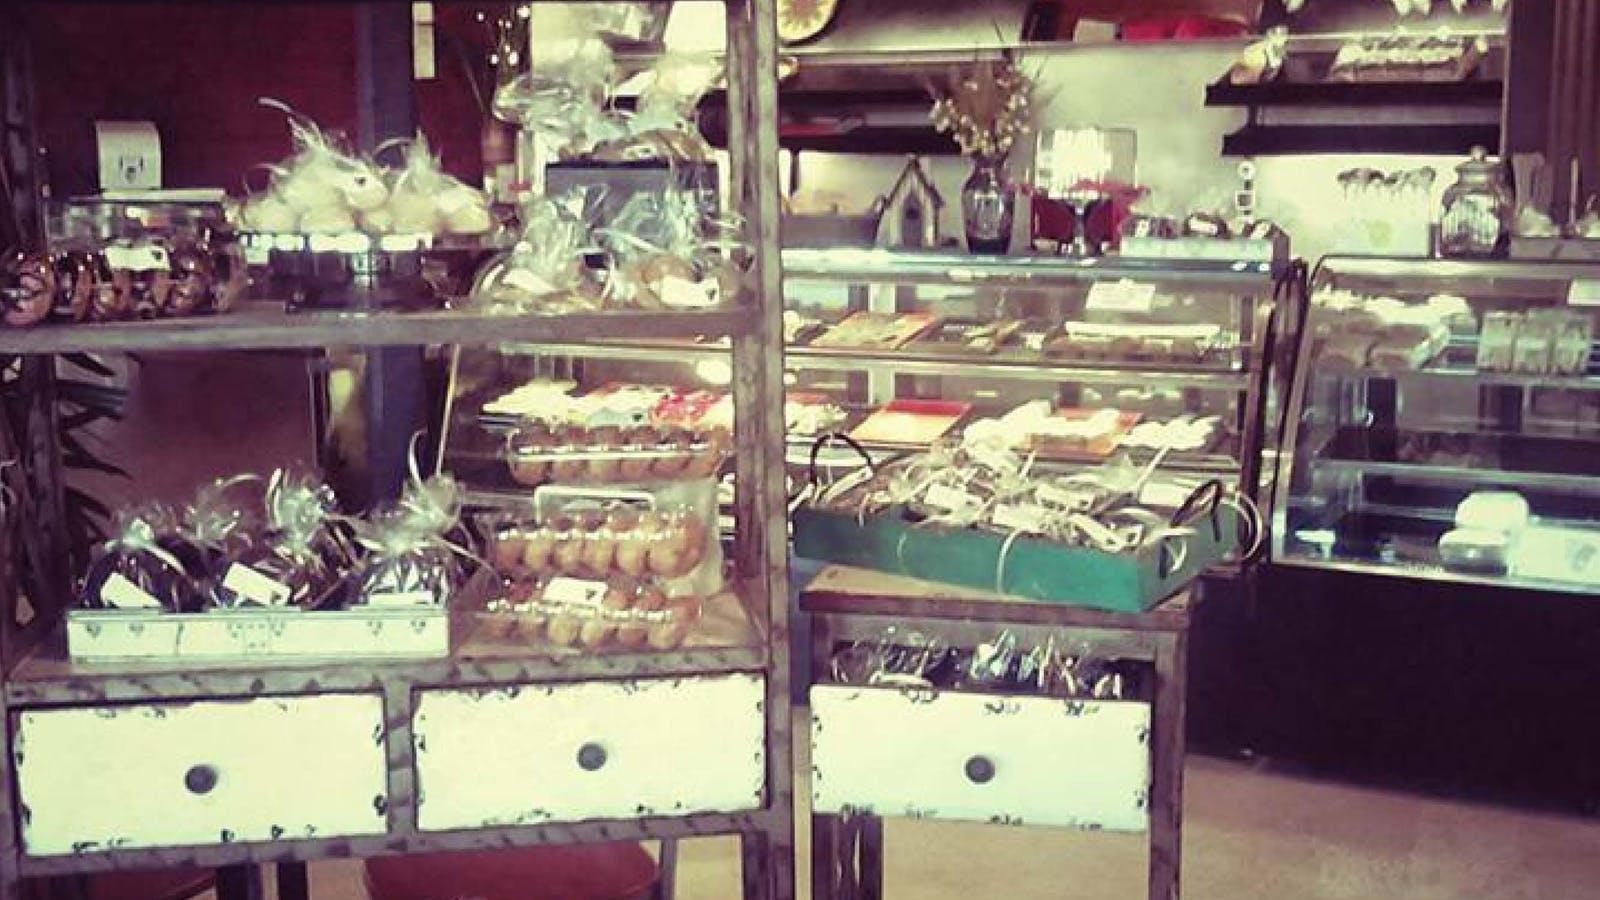 Culcairn Bakery